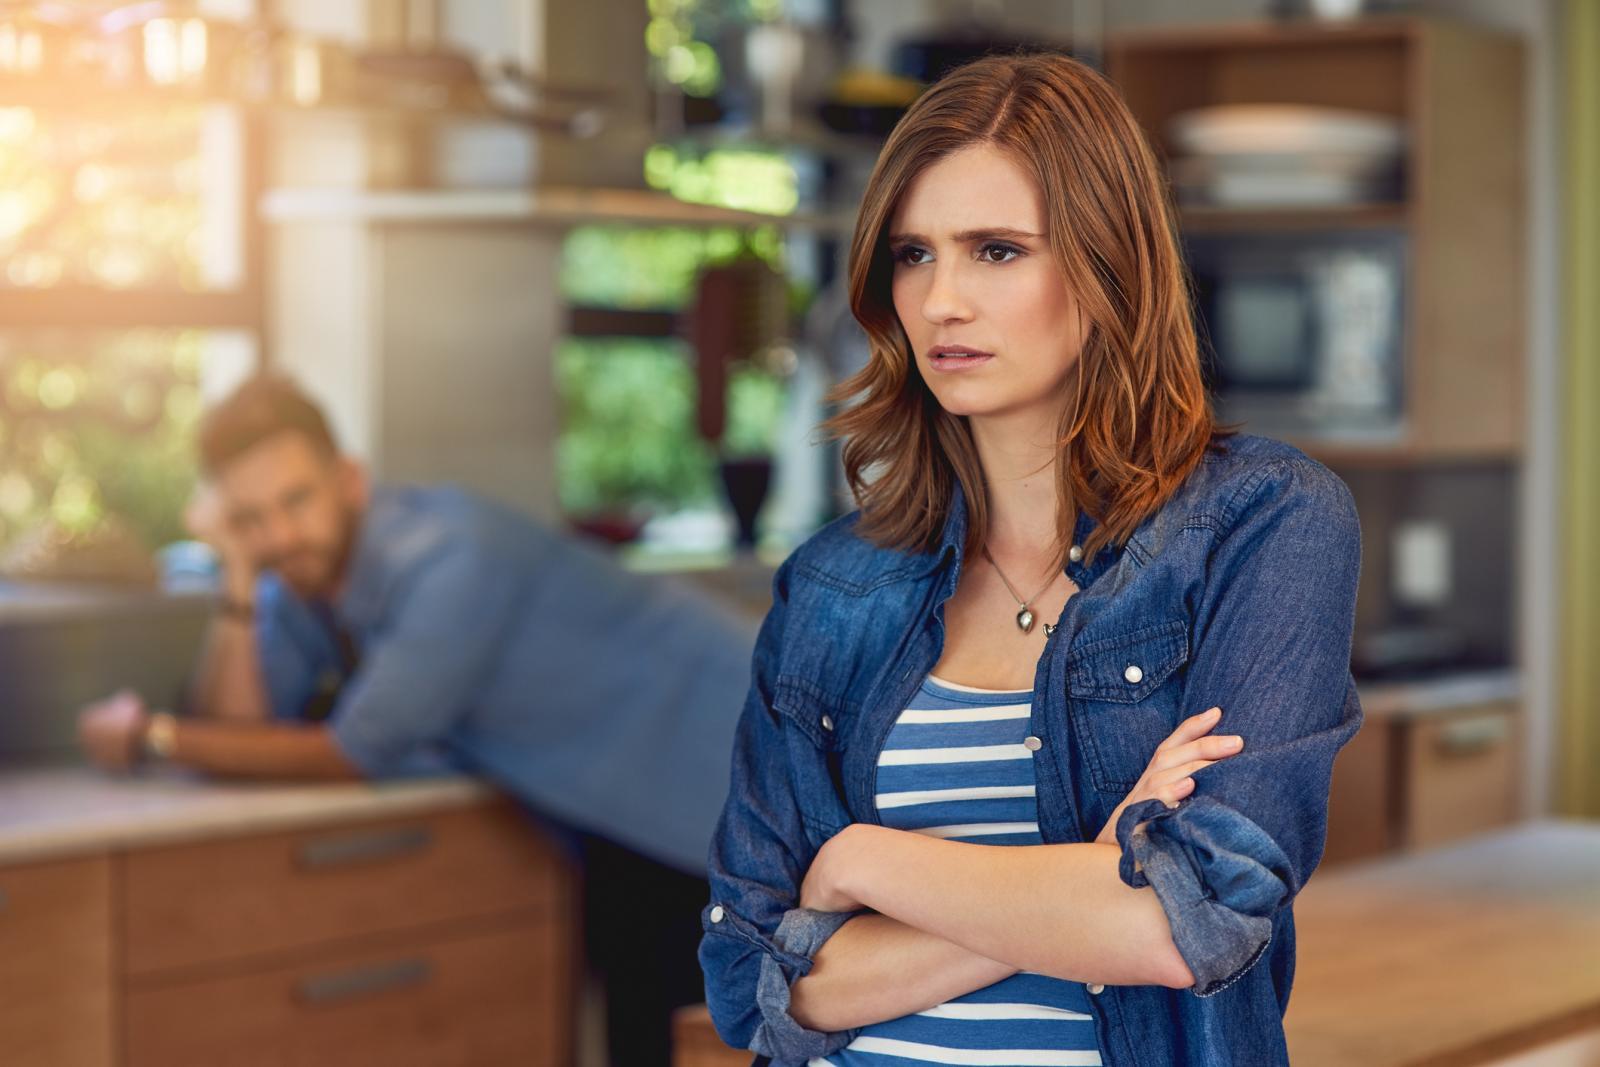 Što god željeli, i muškarci i žene koji su sudjelovali u ovom istraživanju već su imali više partnera nego što ih očekuju od onih s kojima bi bili u vezi... Licemjerno, ili?